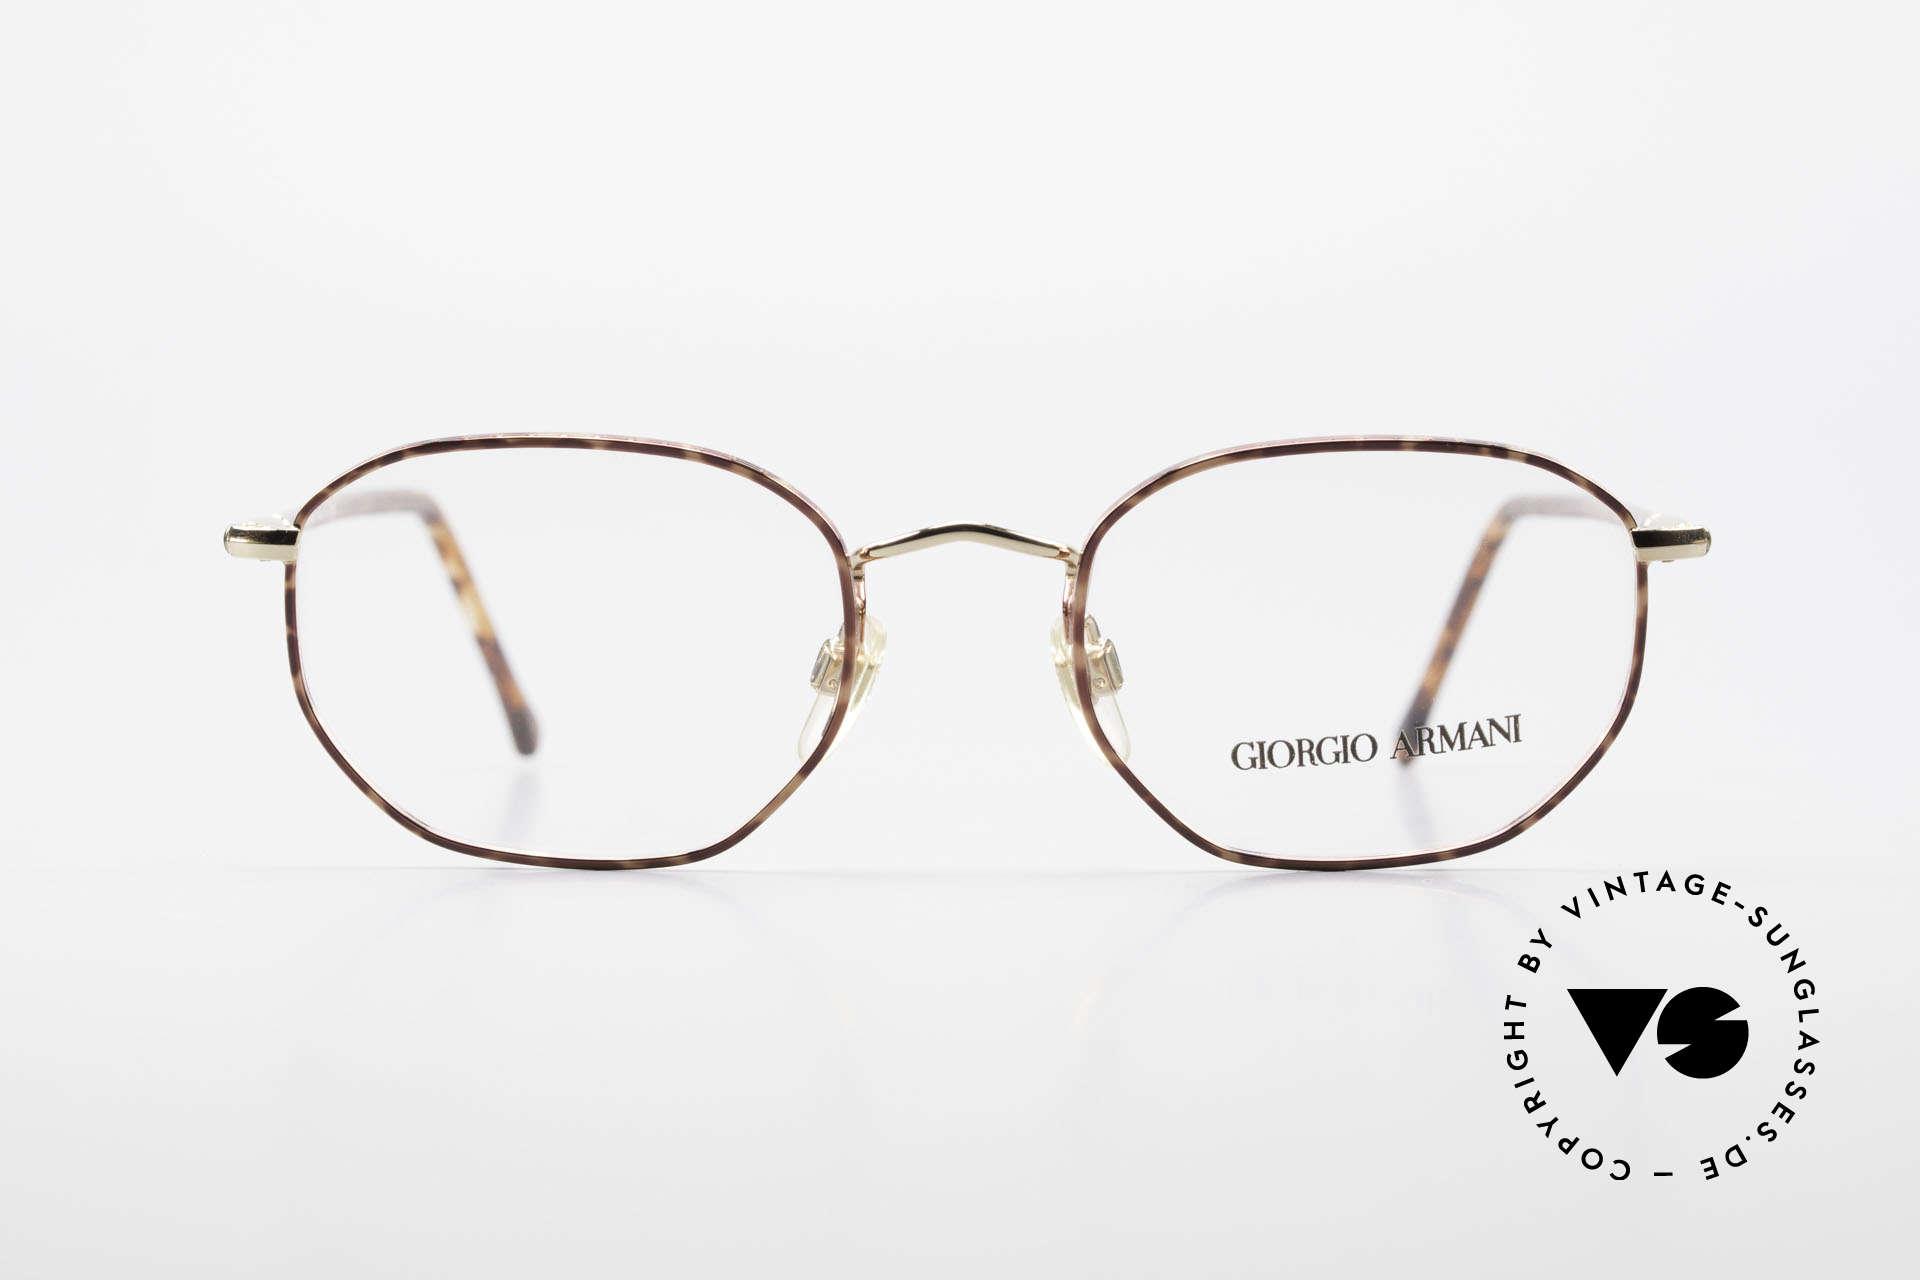 Giorgio Armani 187 Klassische 90er Herrenbrille, sehr klassische Herrenform (eher eine kleine Größe), Passend für Herren